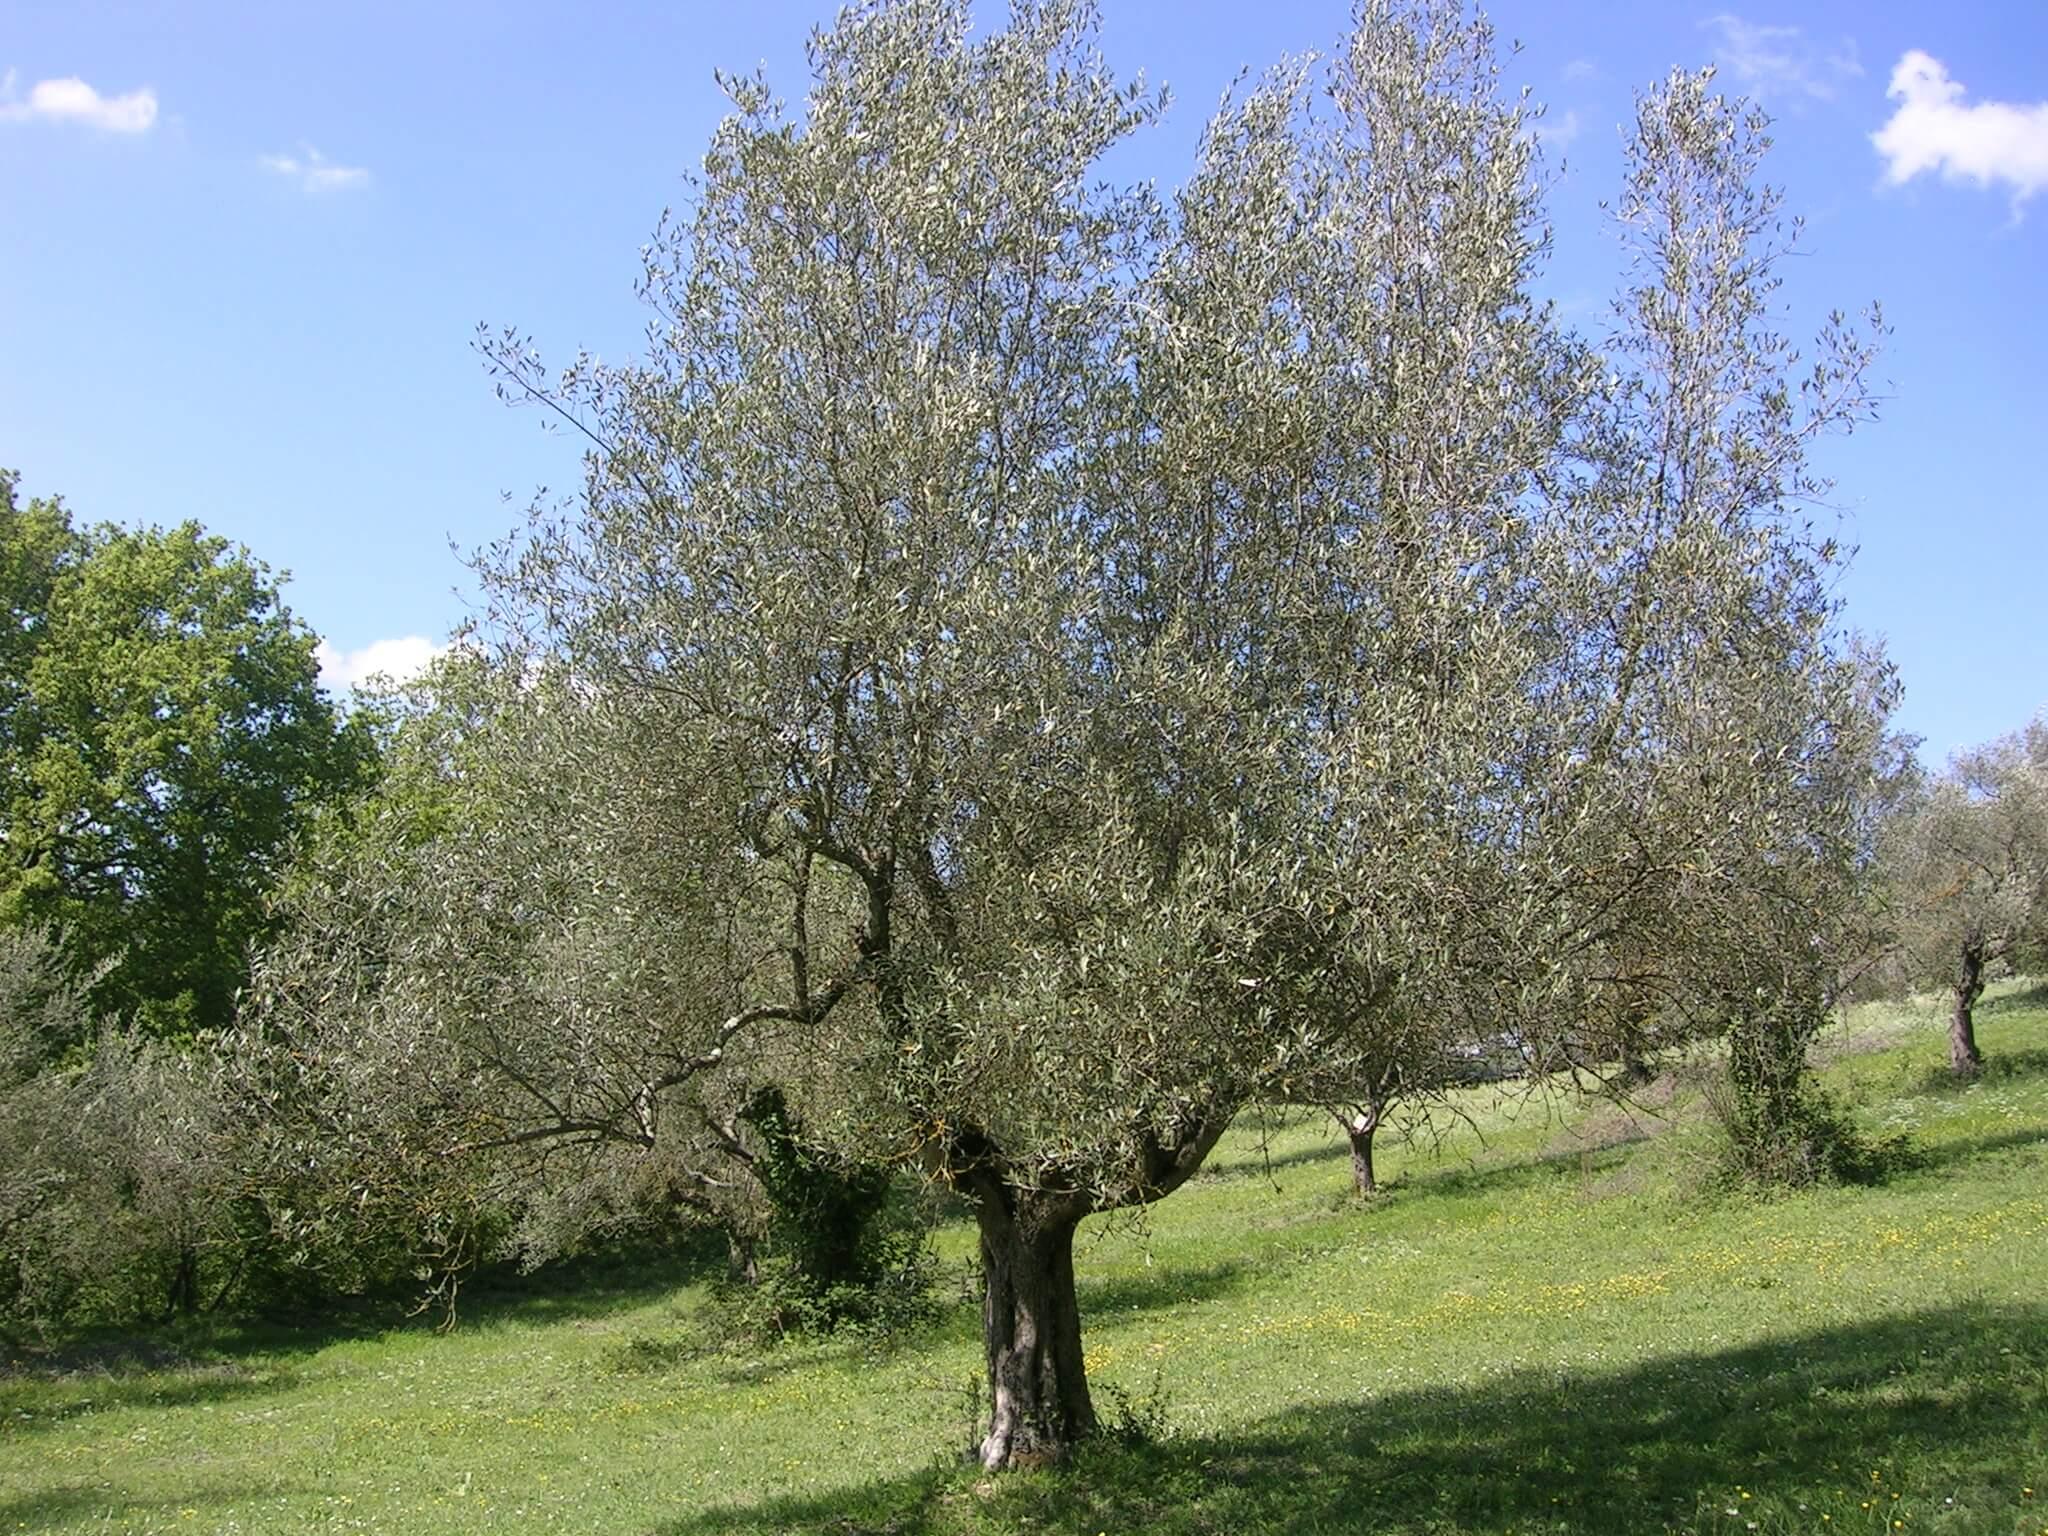 trampolini-antico-frantoio-olio-umbria